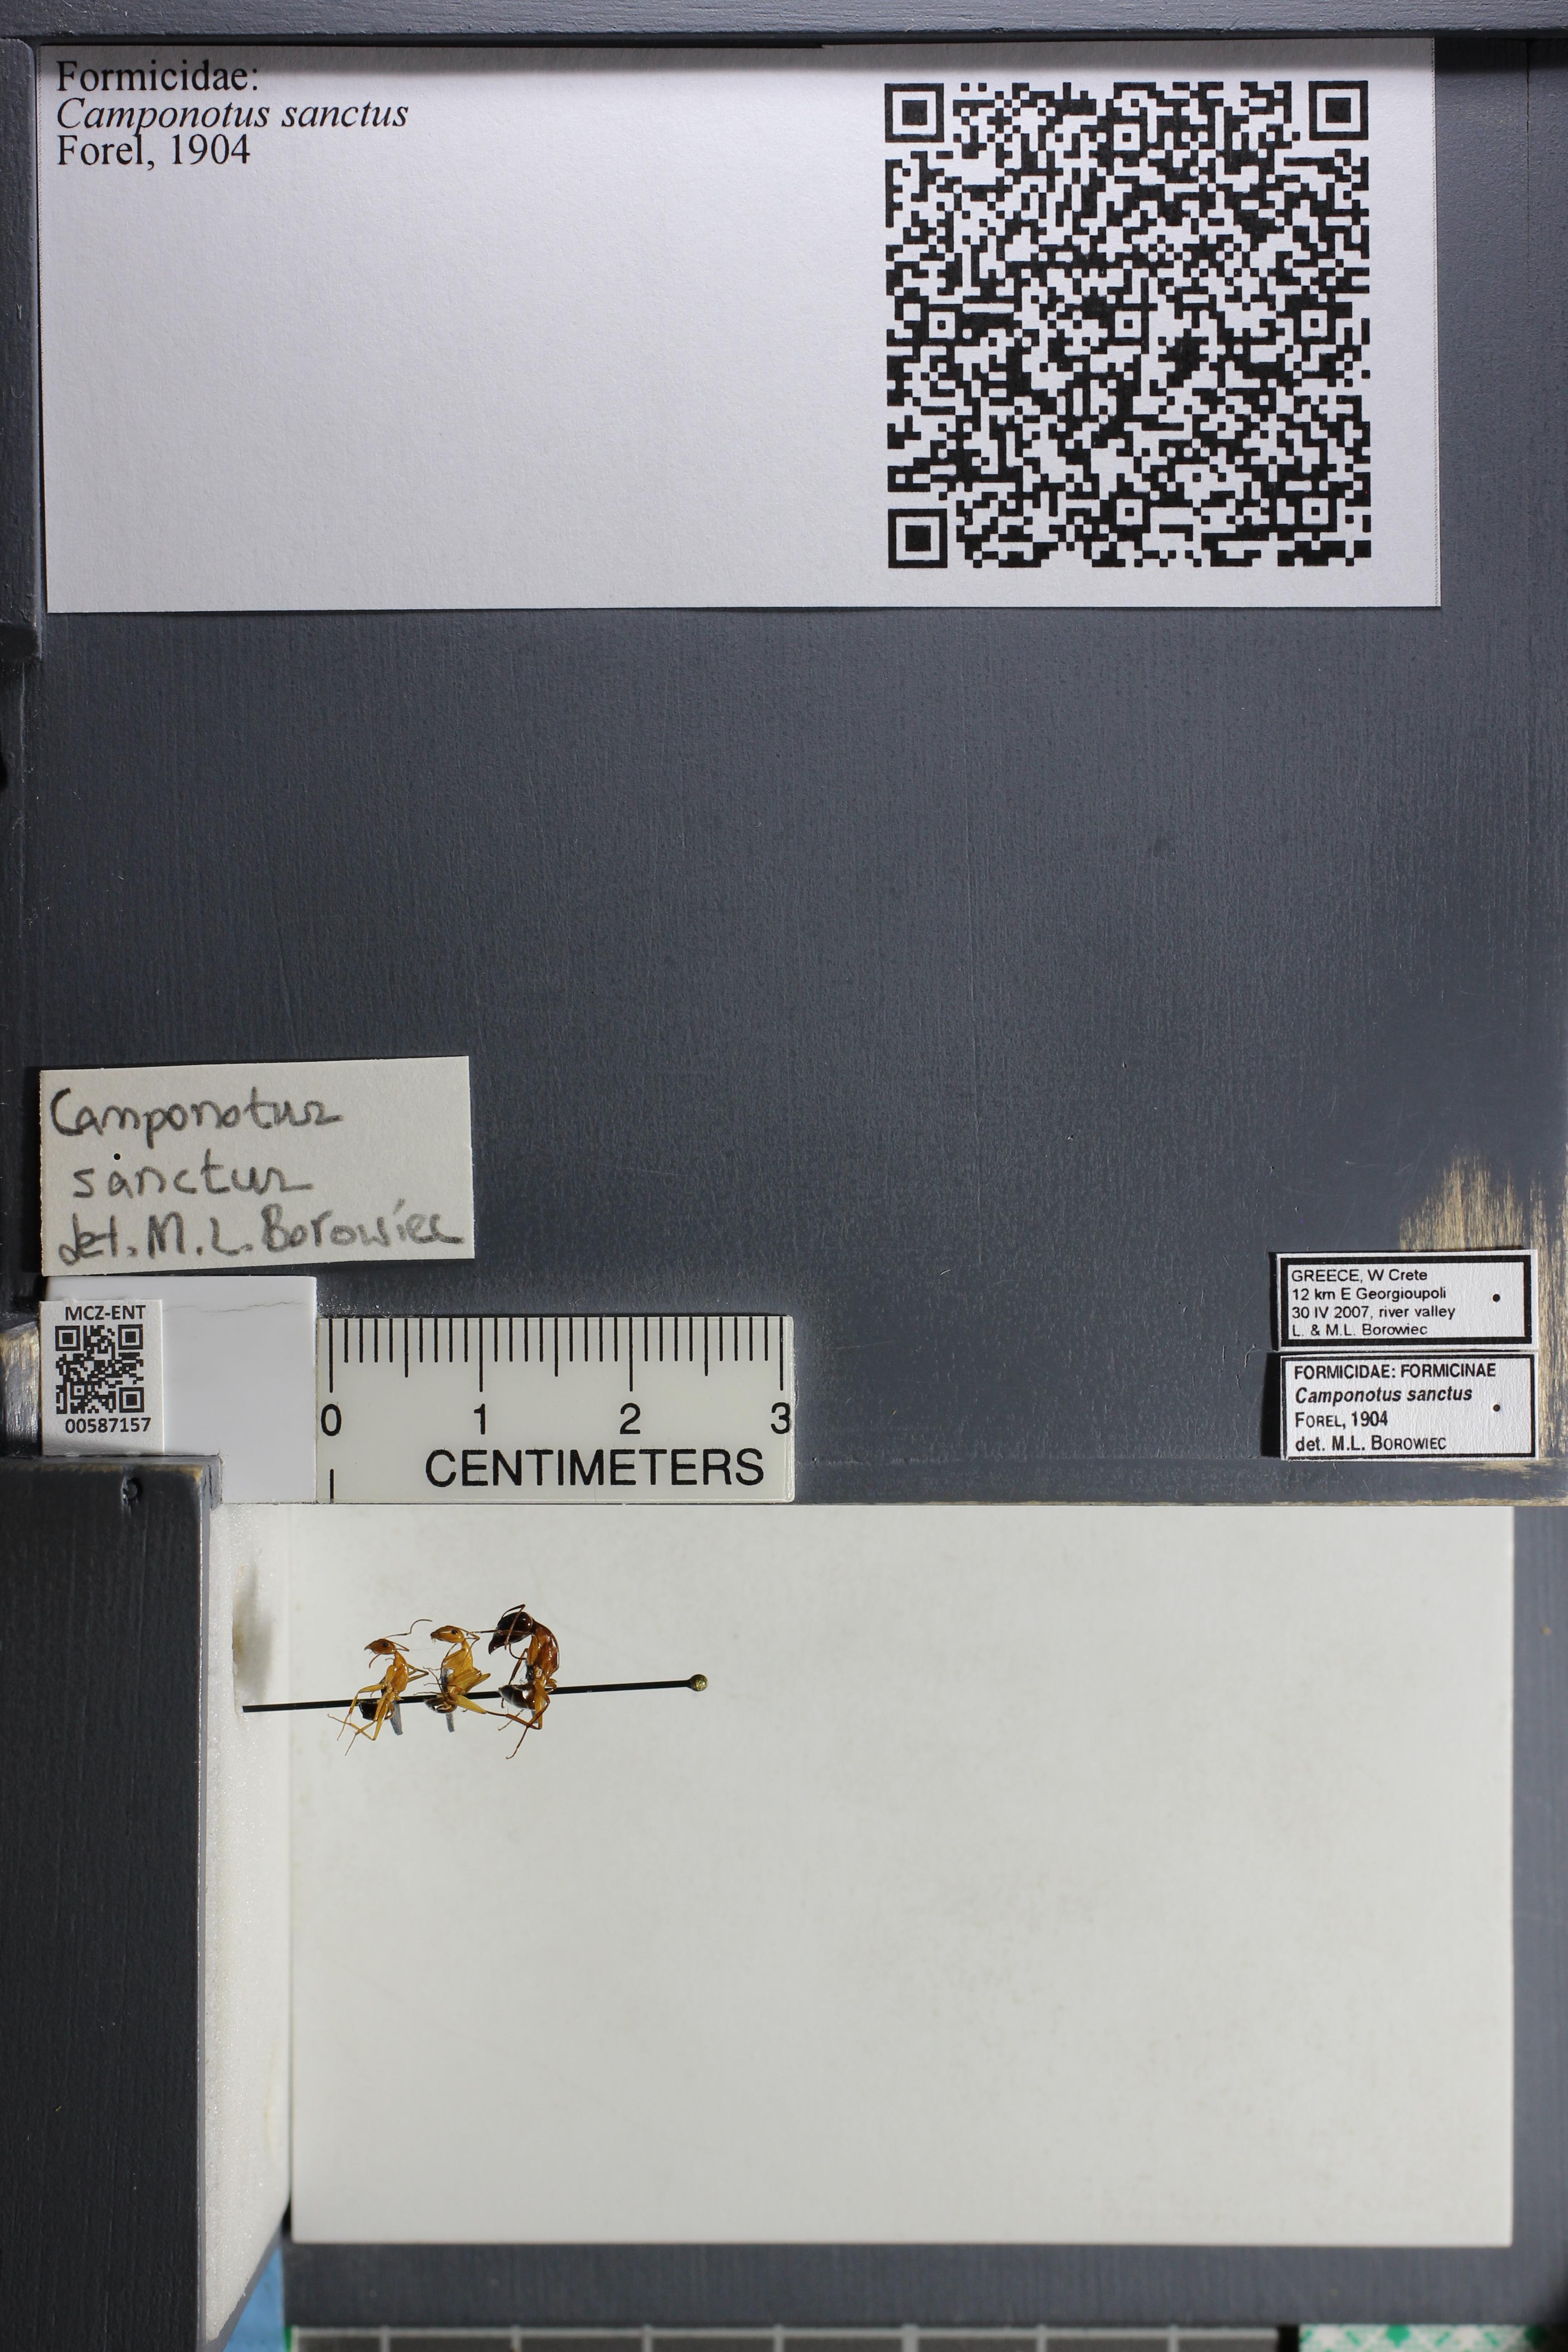 Image of Camponotus sanctus